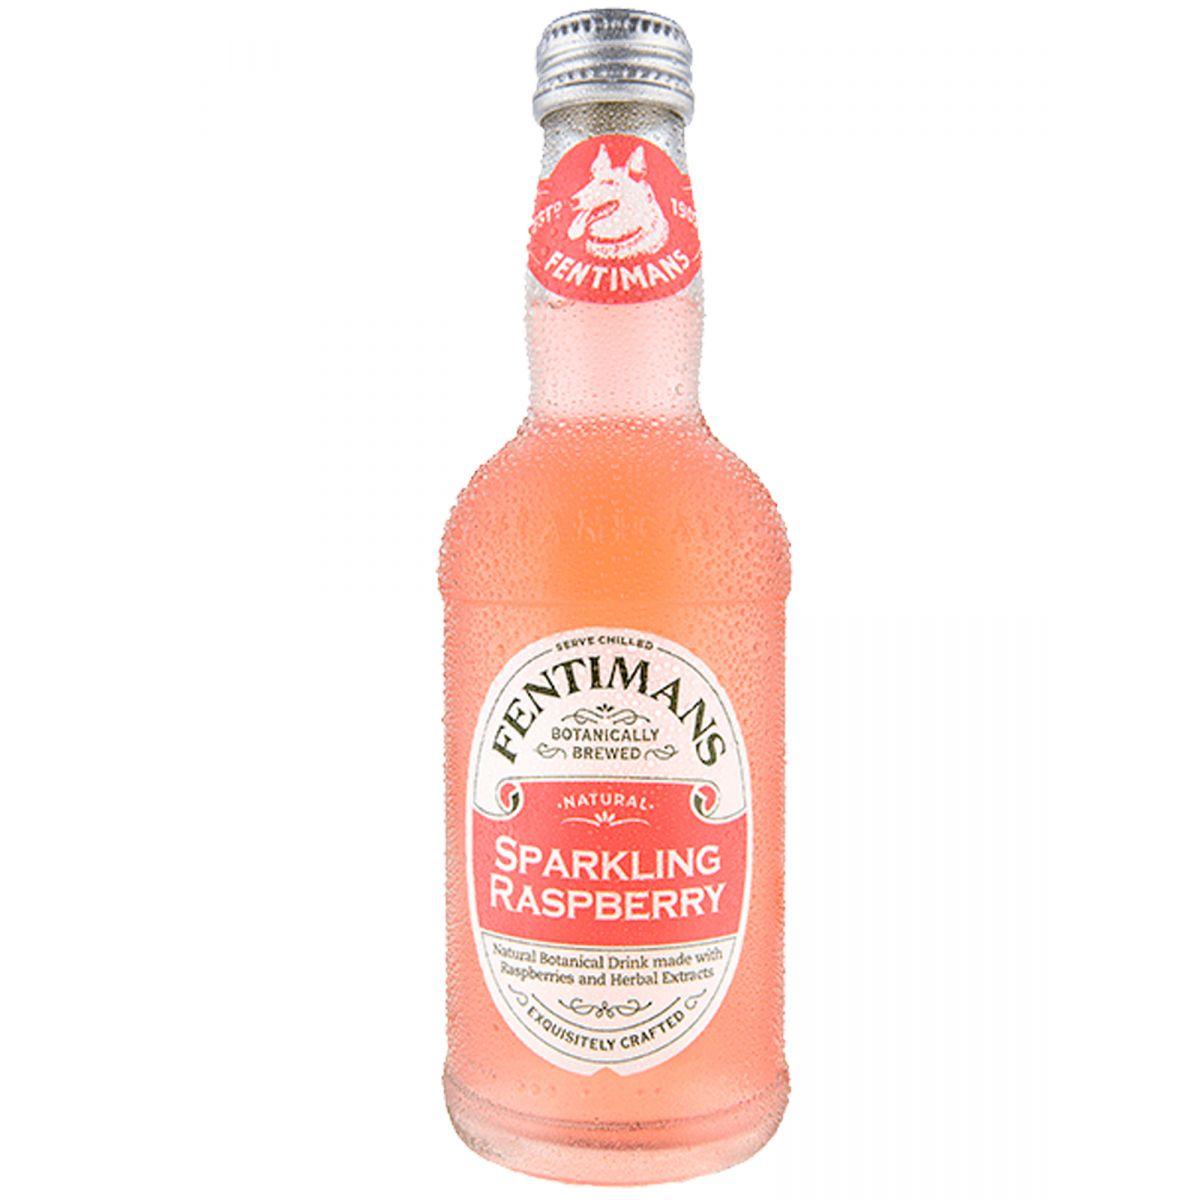 Fentimans sparkling raspberry 274 ml